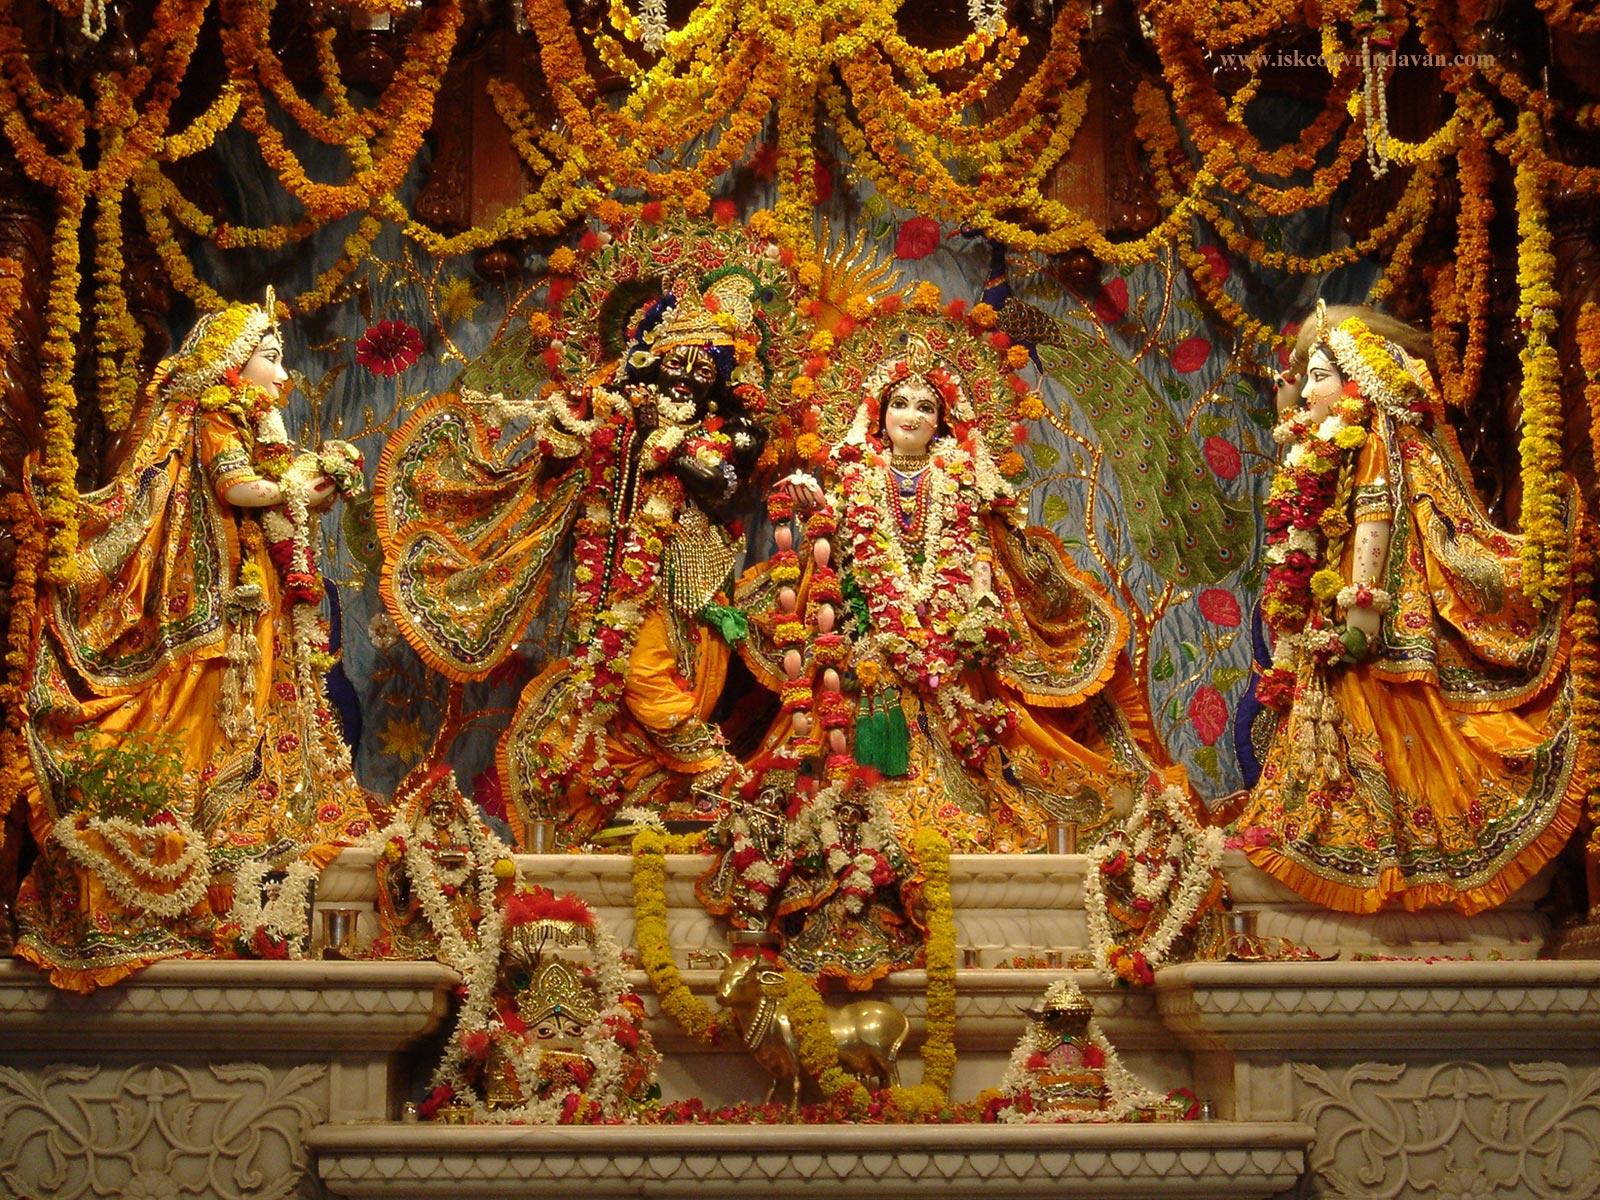 http://3.bp.blogspot.com/_NSGngat267s/TQcF8q1ASfI/AAAAAAAAADw/_uOb8B3qAqY/s1600/Radha-Shyamasundara_03.jpg